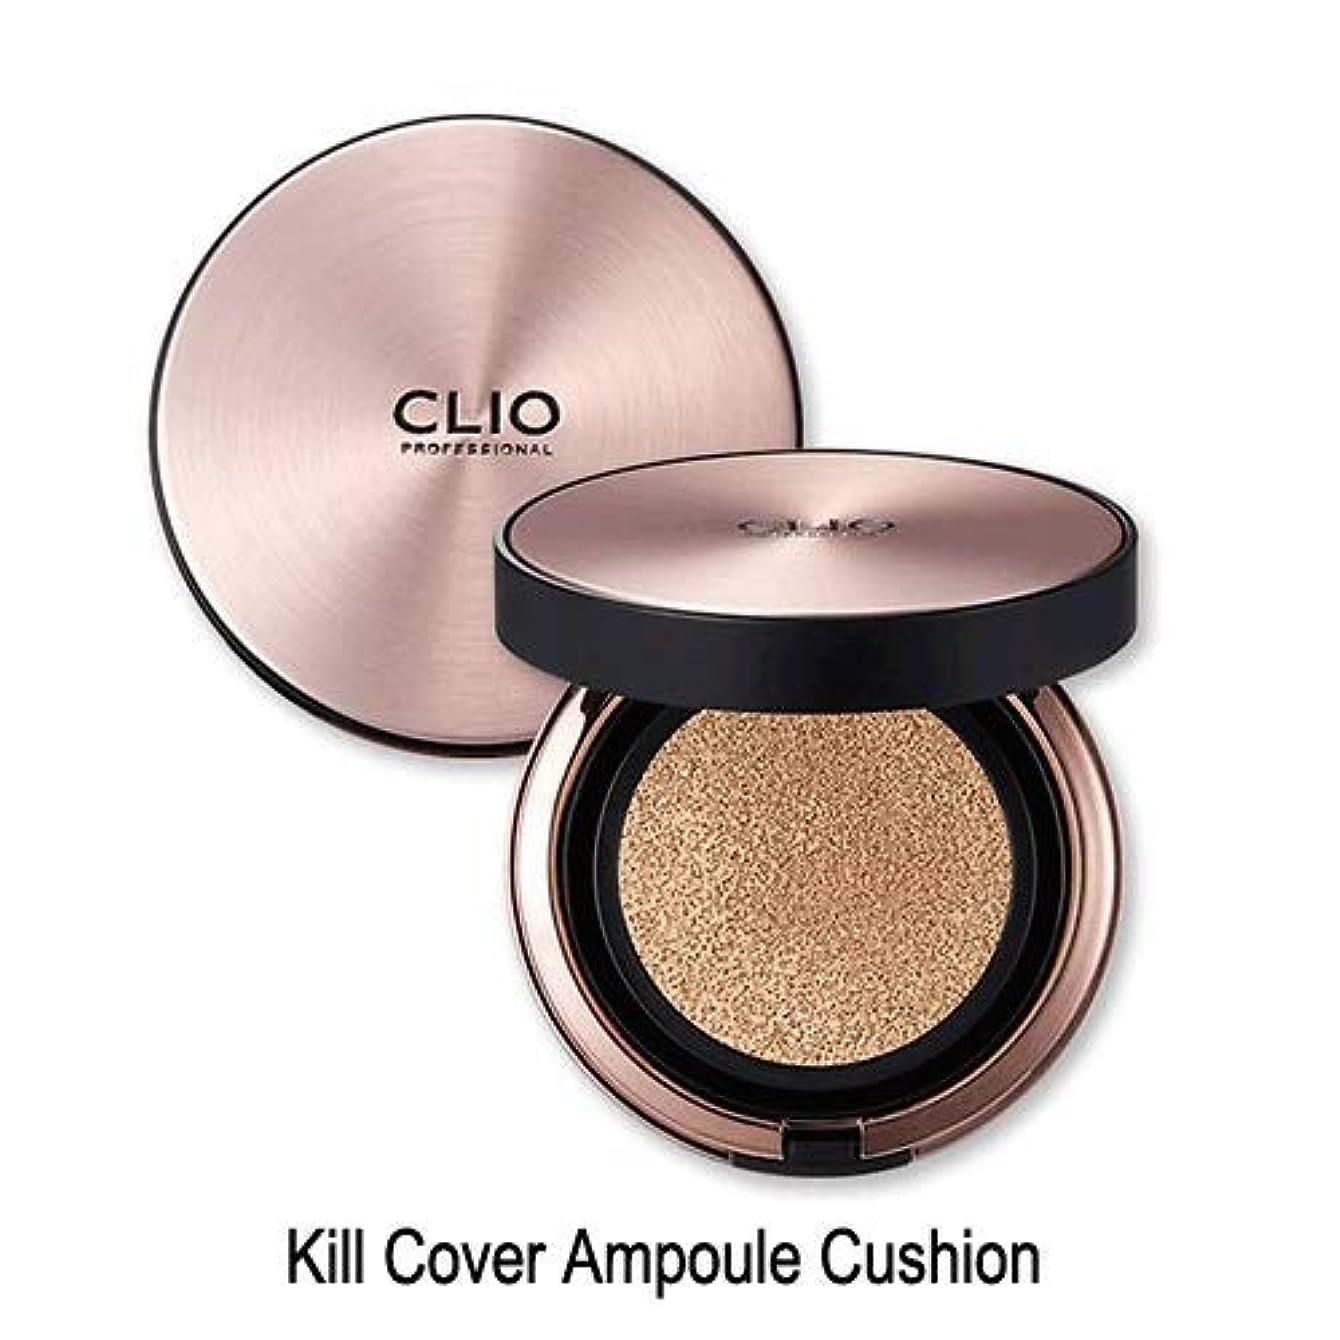 性別固体比べるキルカバー アンプル クッション(Kill Cover Ampoule Cushion) 2ランジェリー